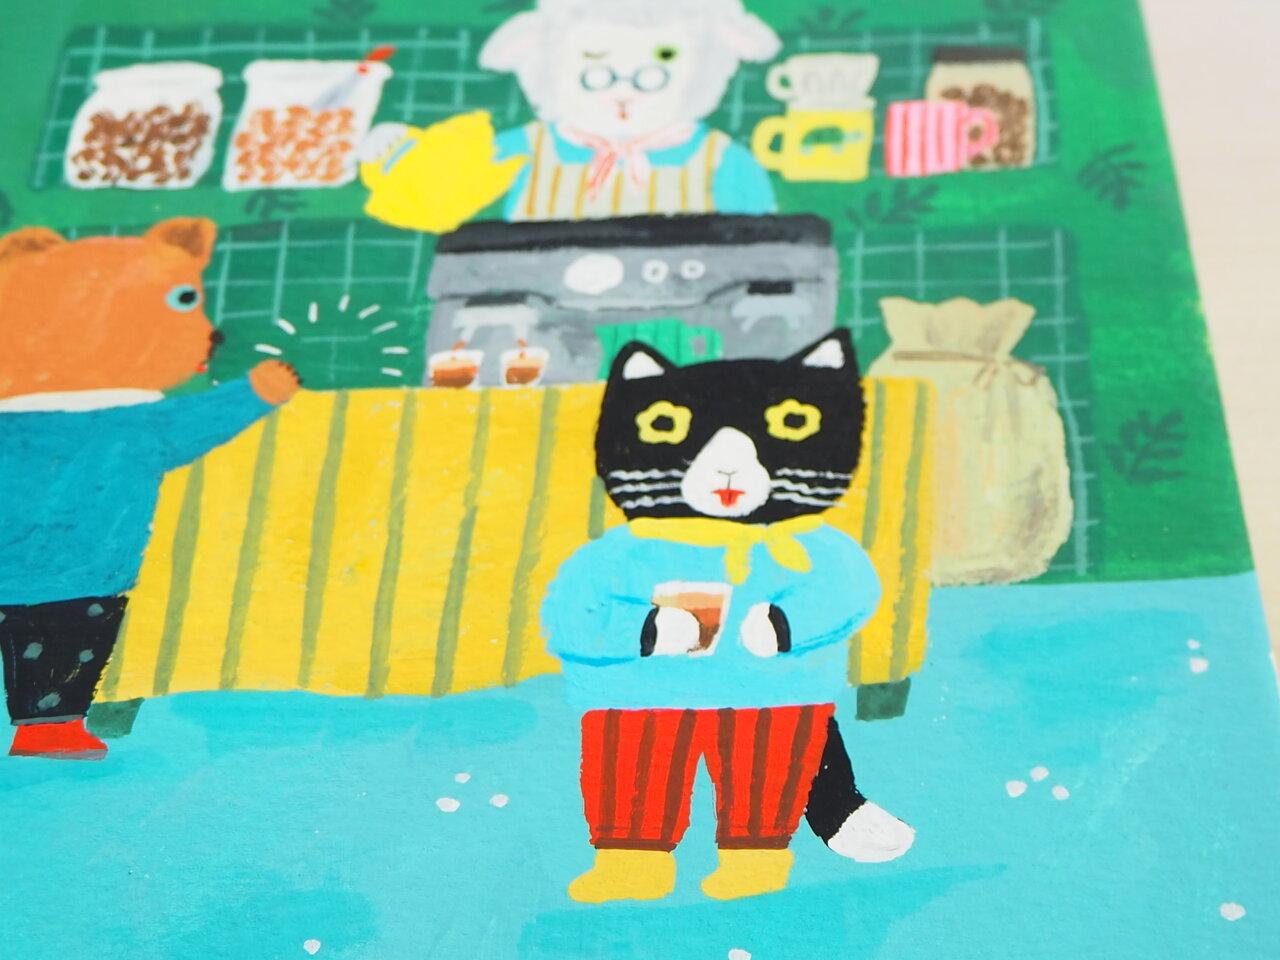 北岸さんお気に入りの黒ネコのマルちゃん。<br> 「ココアだと思ったら、コーヒーで。苦くって、泣いてるところです(笑) イラストだとこんな表情を描くことはあまりないので、新鮮でした」